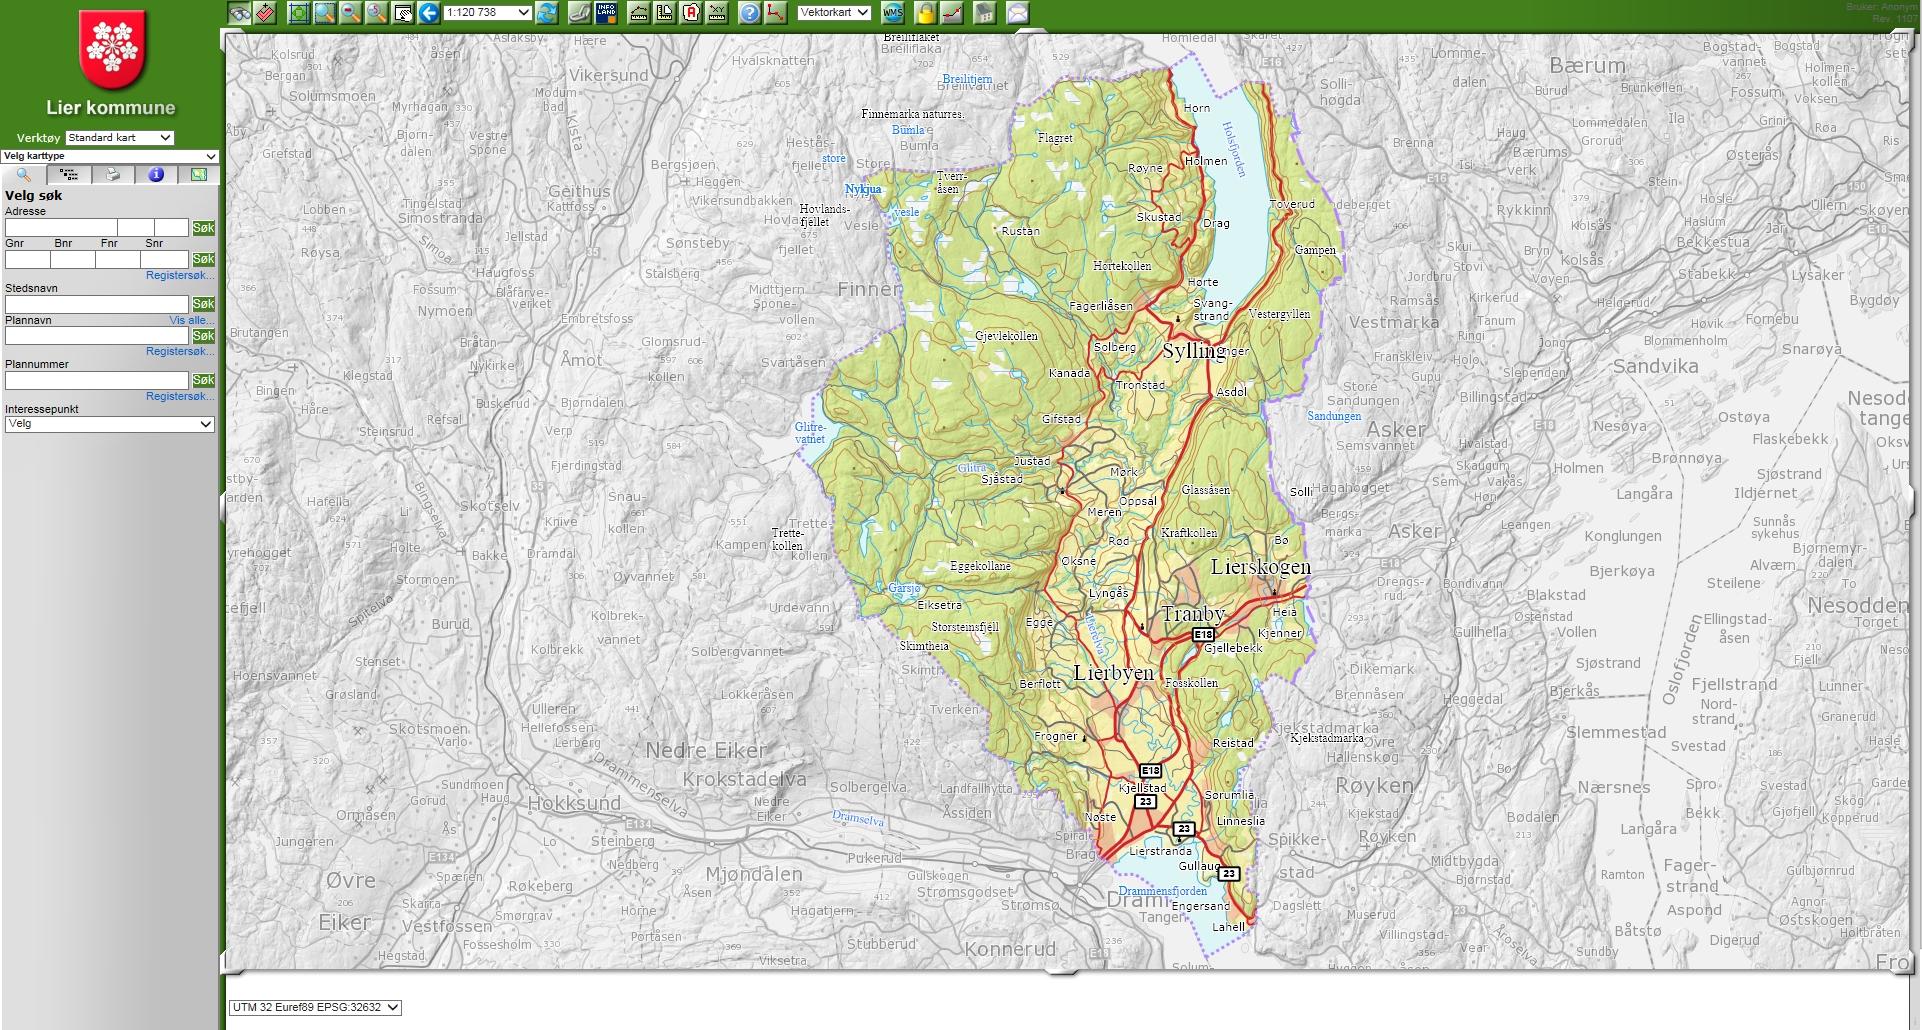 gisline kart Kart   Lier kommune gisline kart